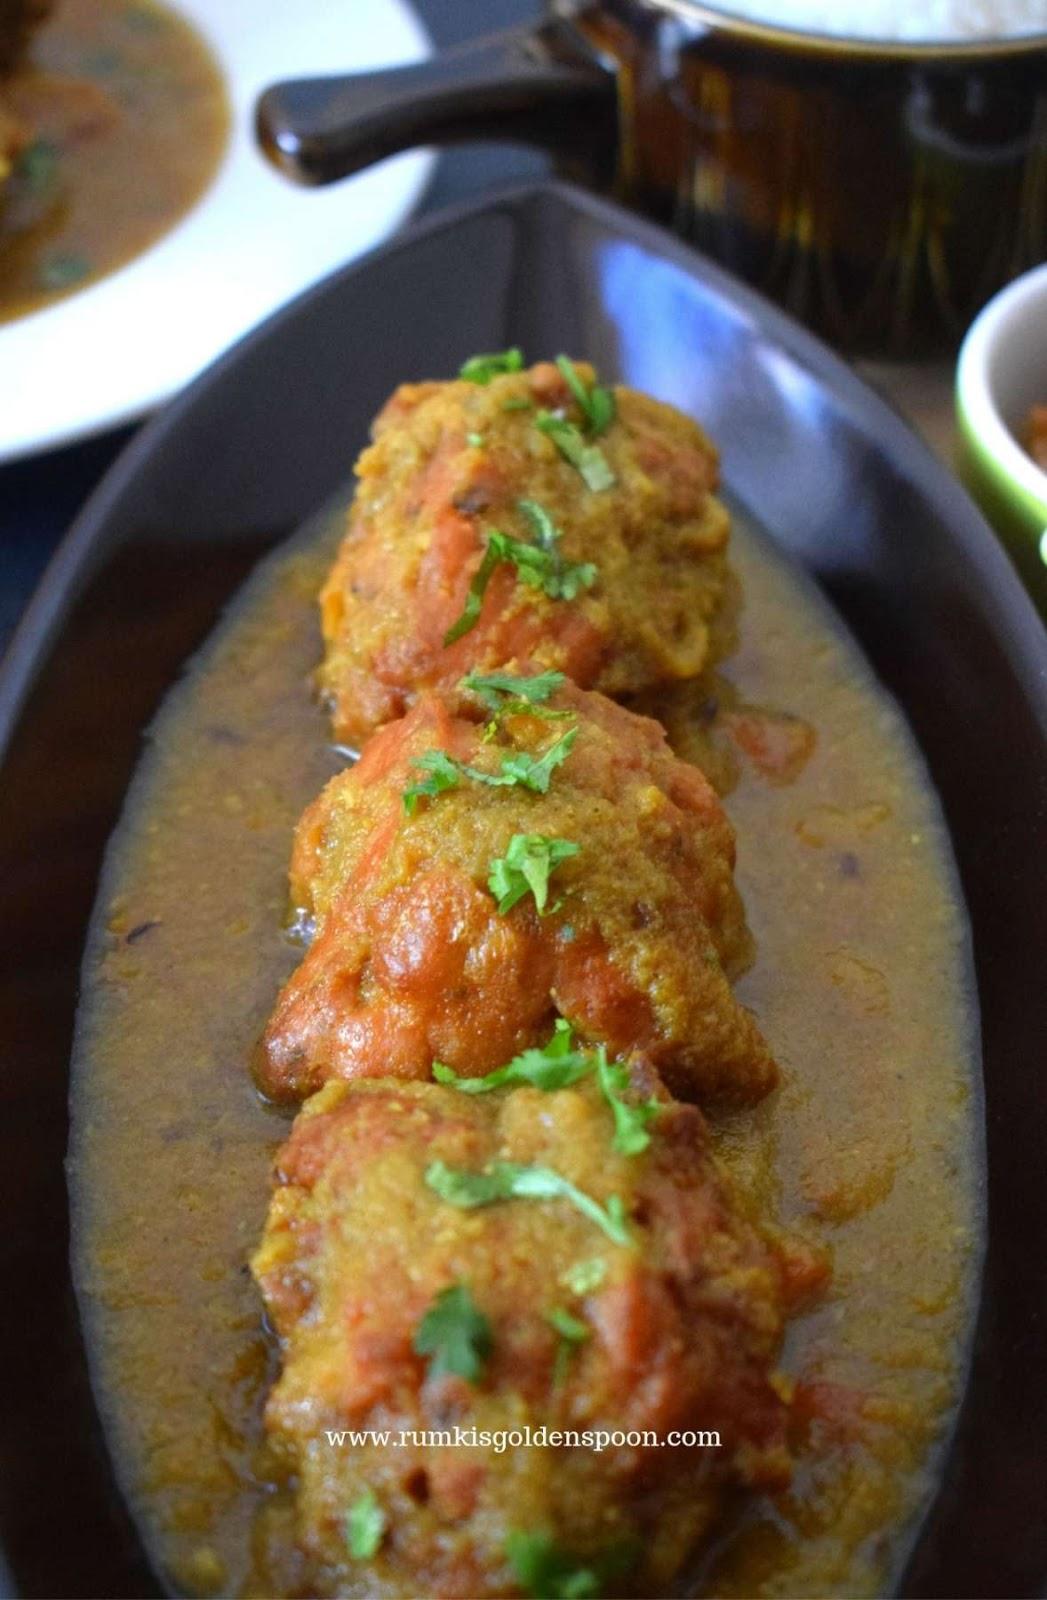 Indian Recipe, Vegan Recipe, Veg Recipe, Onion Bhaji Curry | Gram Flour-Onion Fritters Curry, Pakoda Curry, Onion Bhaji recipe, Besaner Borar Jhol/dalna/torkari/torkaari/sabji/sabzi/tarkari/rasha, Peyaji diye Sabzi,  pakora, Indian fritters spicy curry, Gram flour-onion dumpling masala curry, recipe with Besan-Peyaj Ke Pakode/ Gram flour-onion dumpling, recipe with bora, Rumki's Golden Spoon